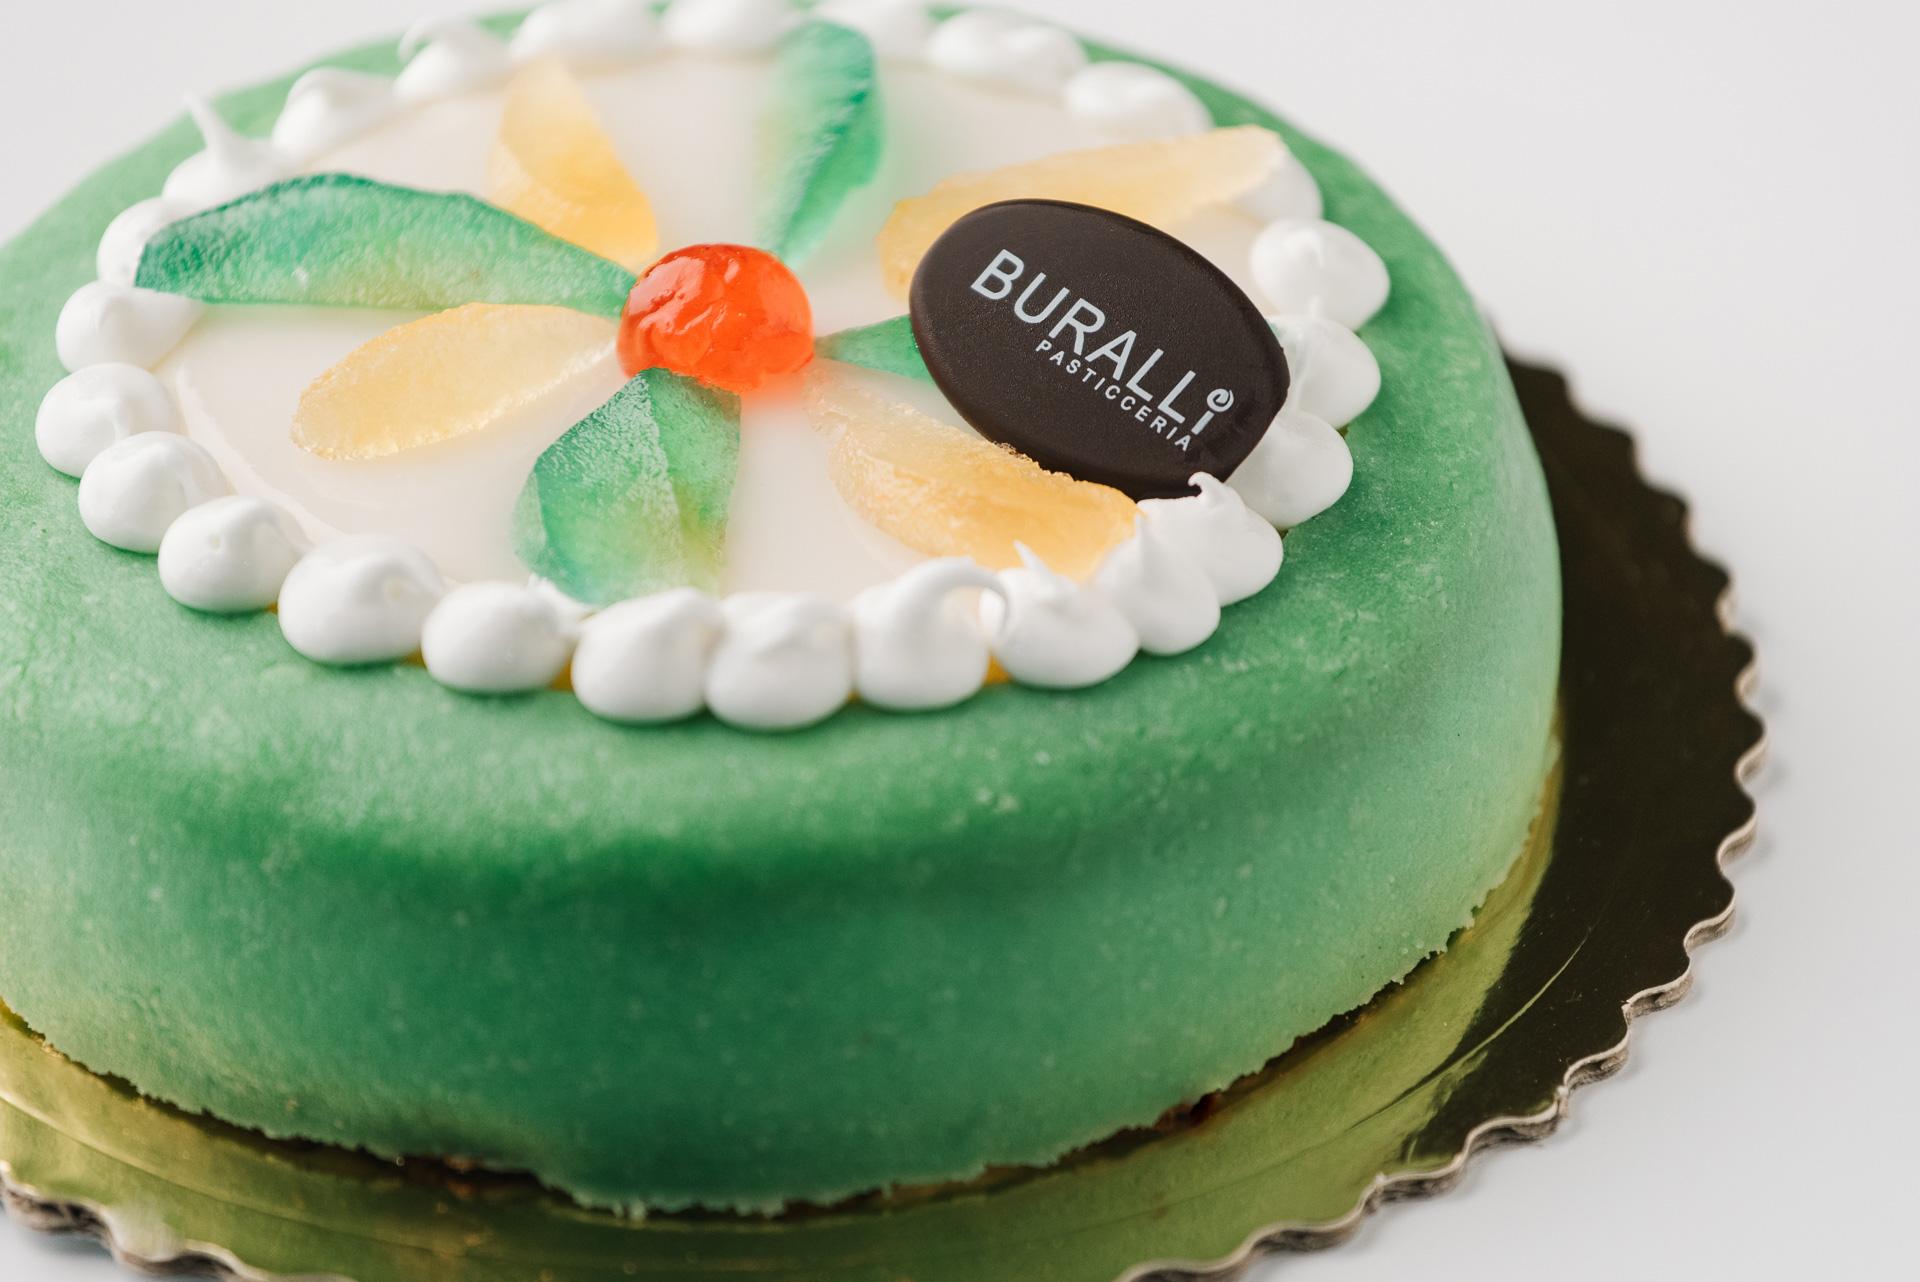 buralli-dolci-cassata